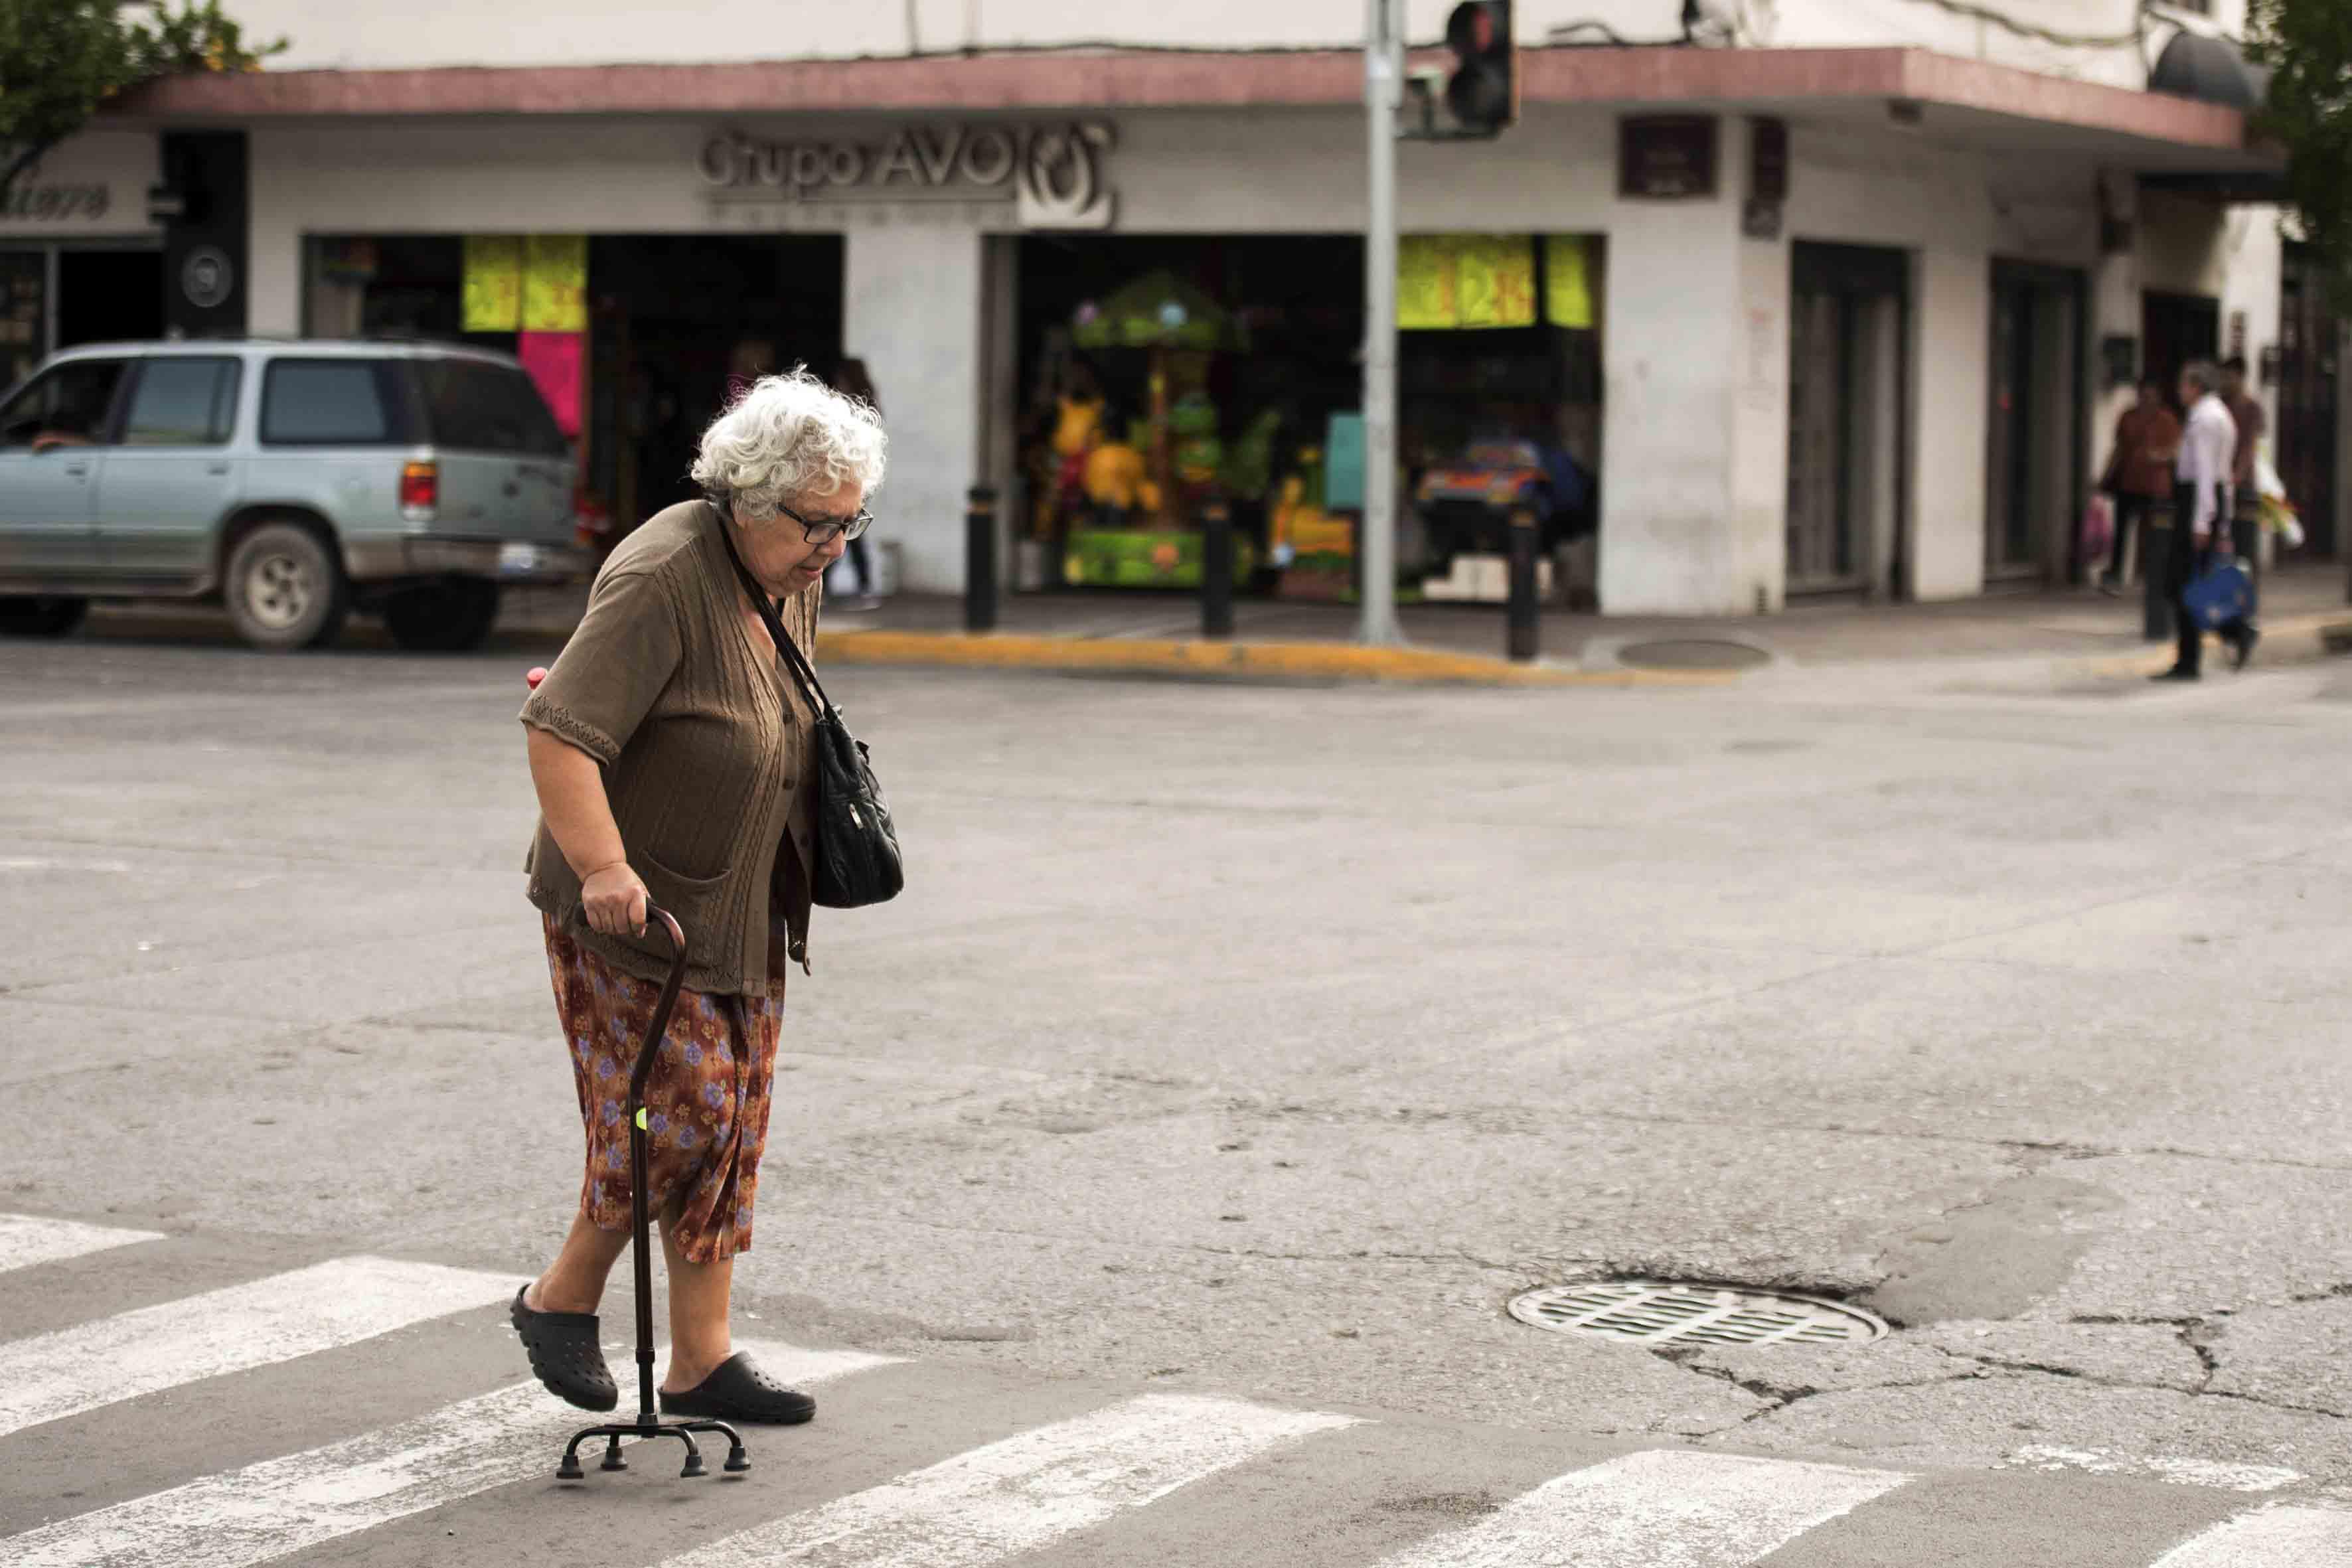 Mujer de la tecera edad, usando bastón de tripie, cruzando una de las calles de la ciudad, donde se observan las grietas, alcantarilla y bache de la calle.